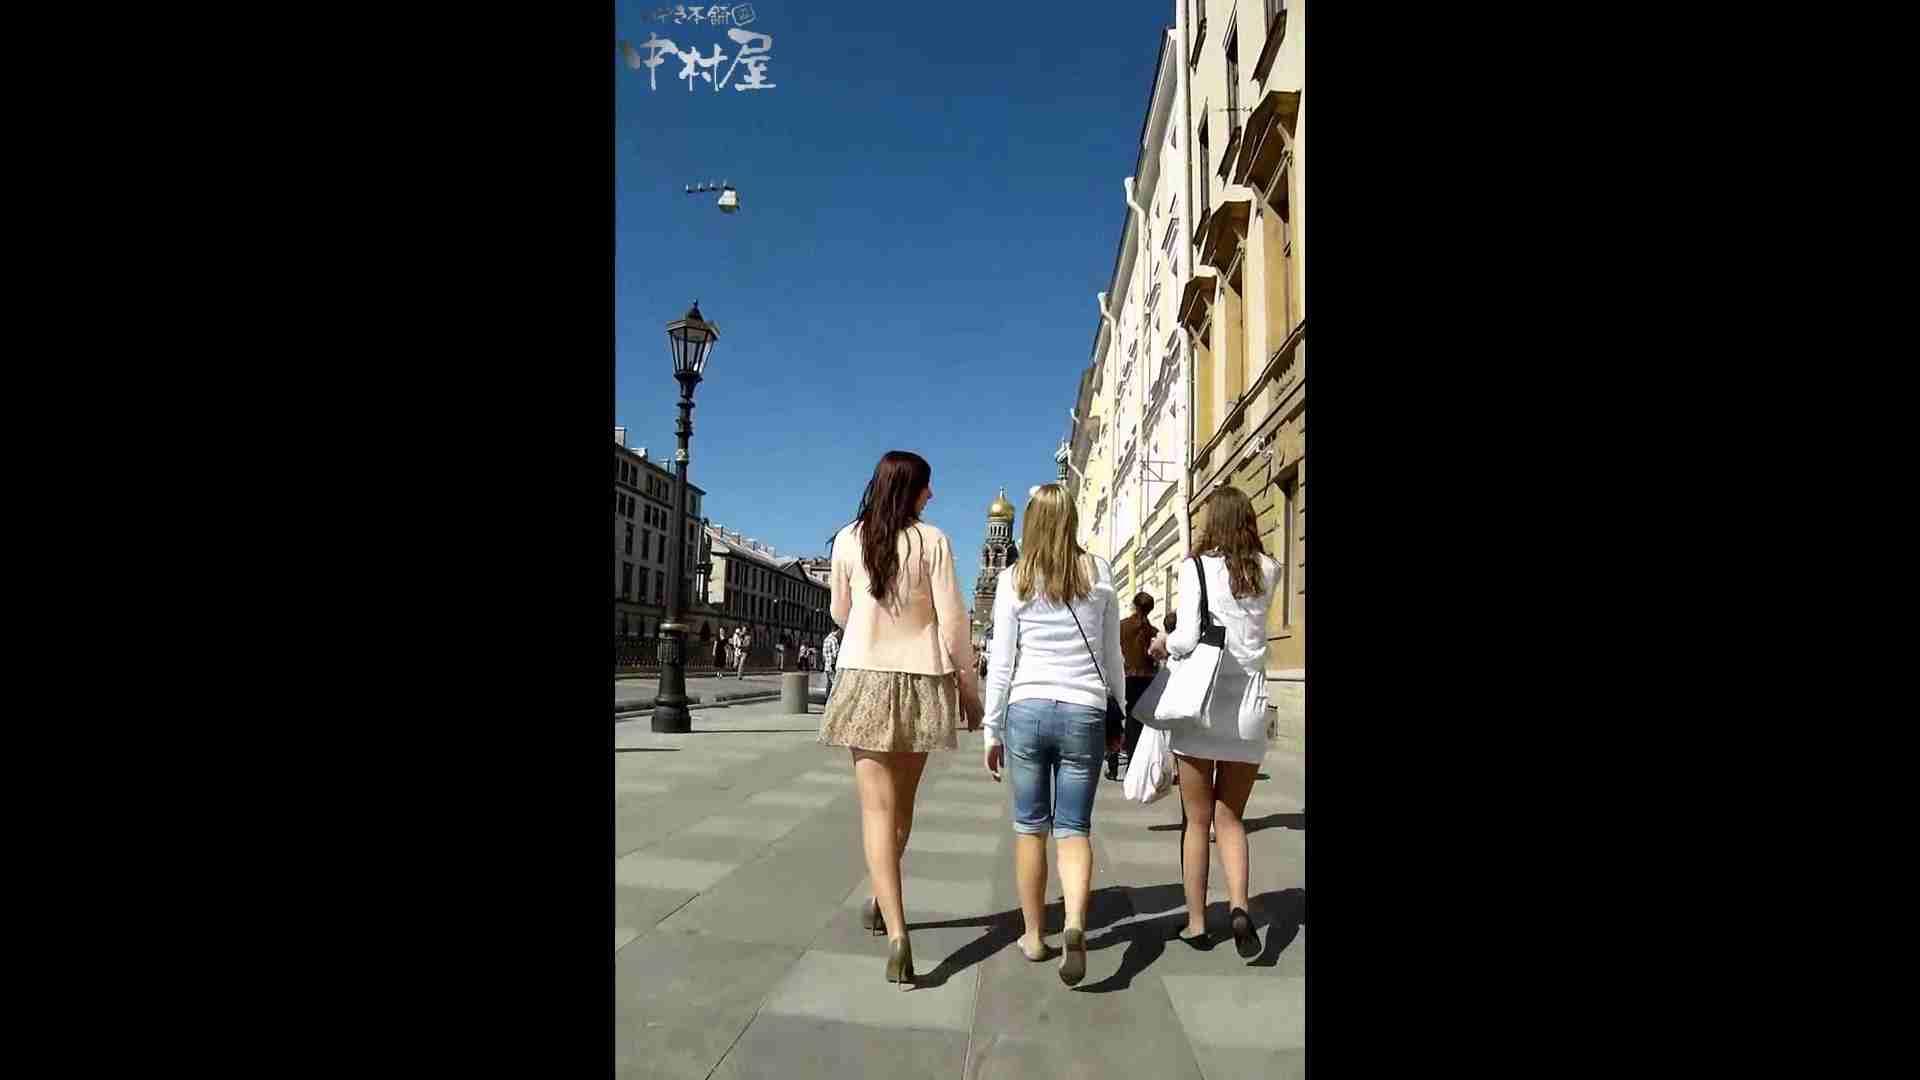 綺麗なモデルさんのスカート捲っちゃおう‼ vol17 お姉さんのエロ動画  94PIX 30